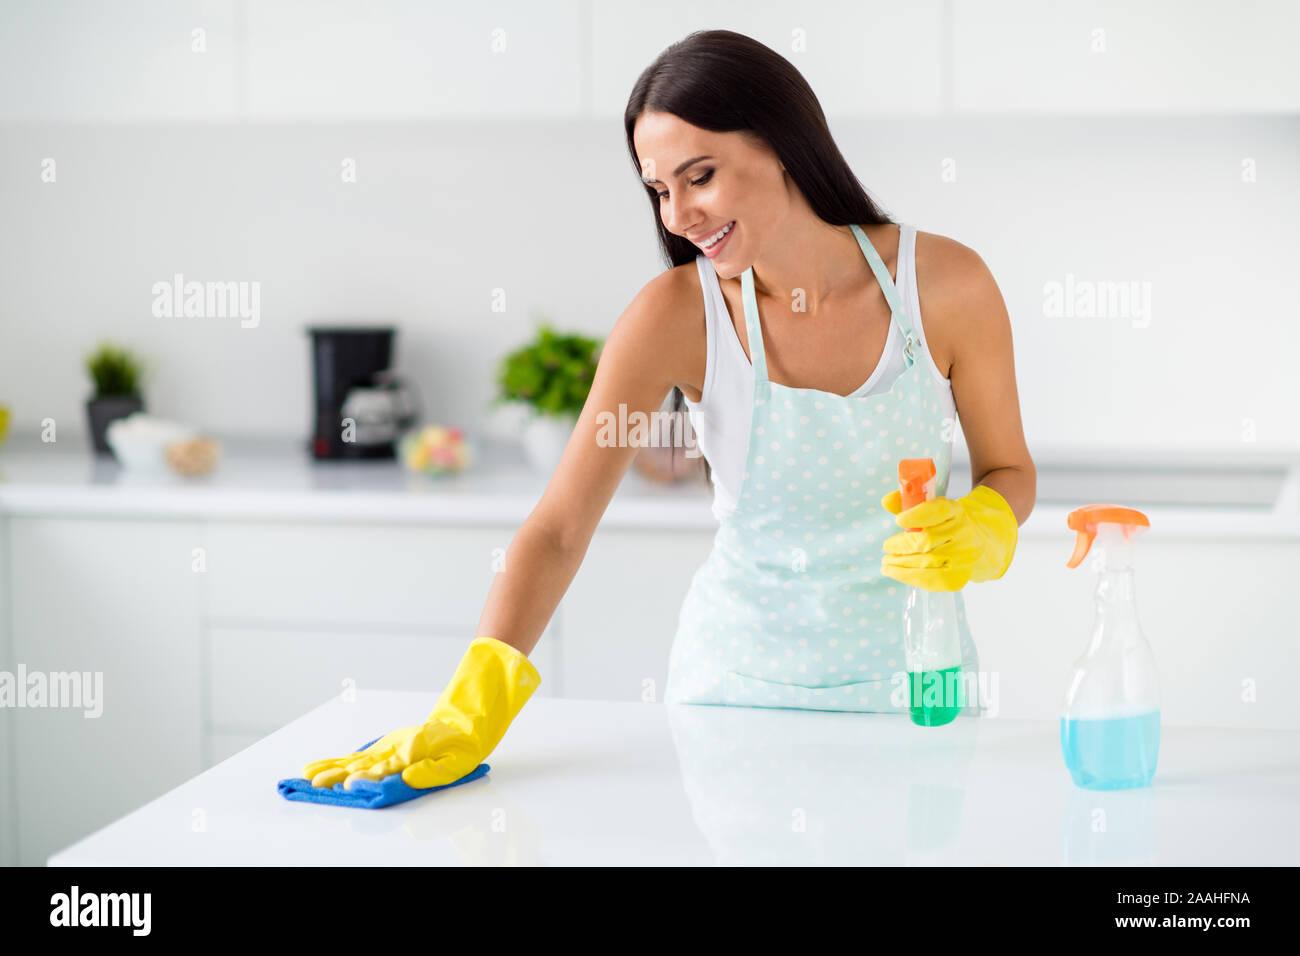 Portrait von positiven fröhliches Mädchen tragen gelbe Latex Wäsche polnischen Schreibtisch mit Waschmittel fühlen Inhalt in der Küche Licht house apartment Stockfoto